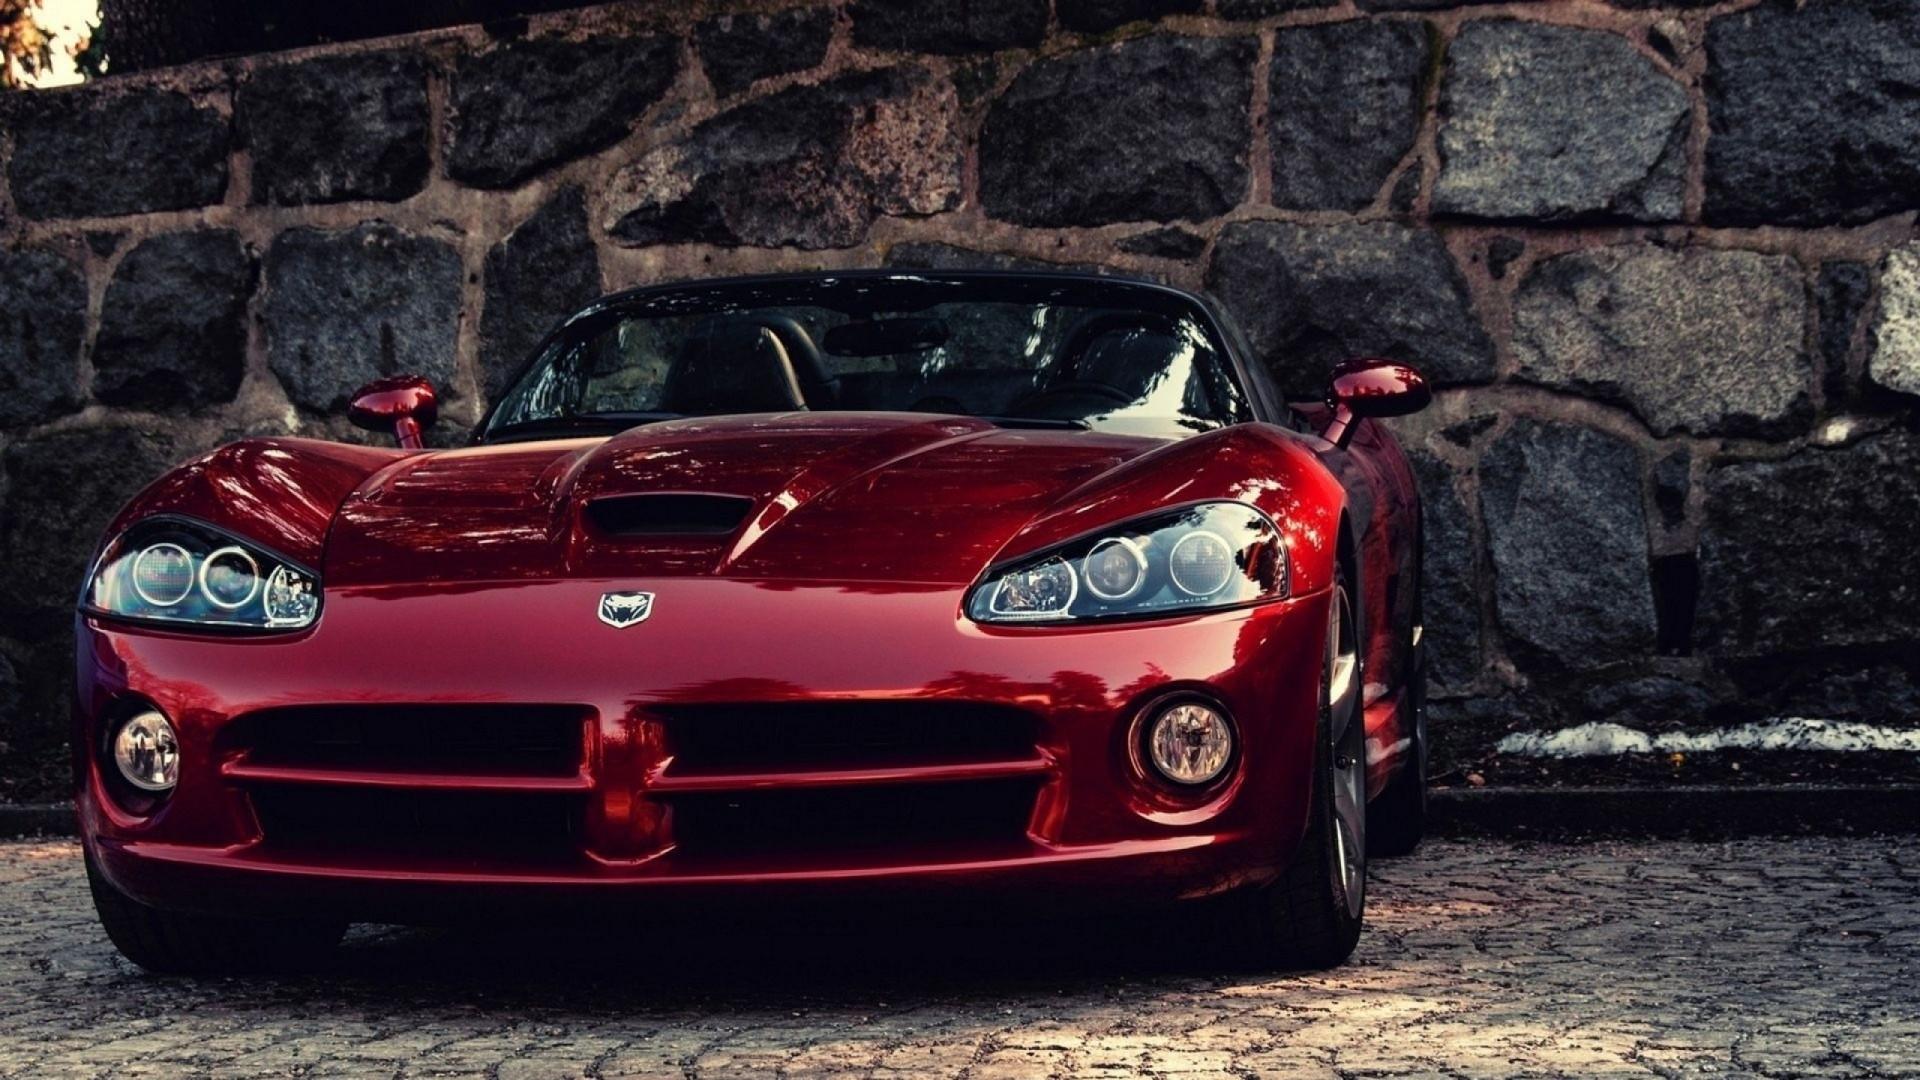 Dodge Viper Wallpaper HD